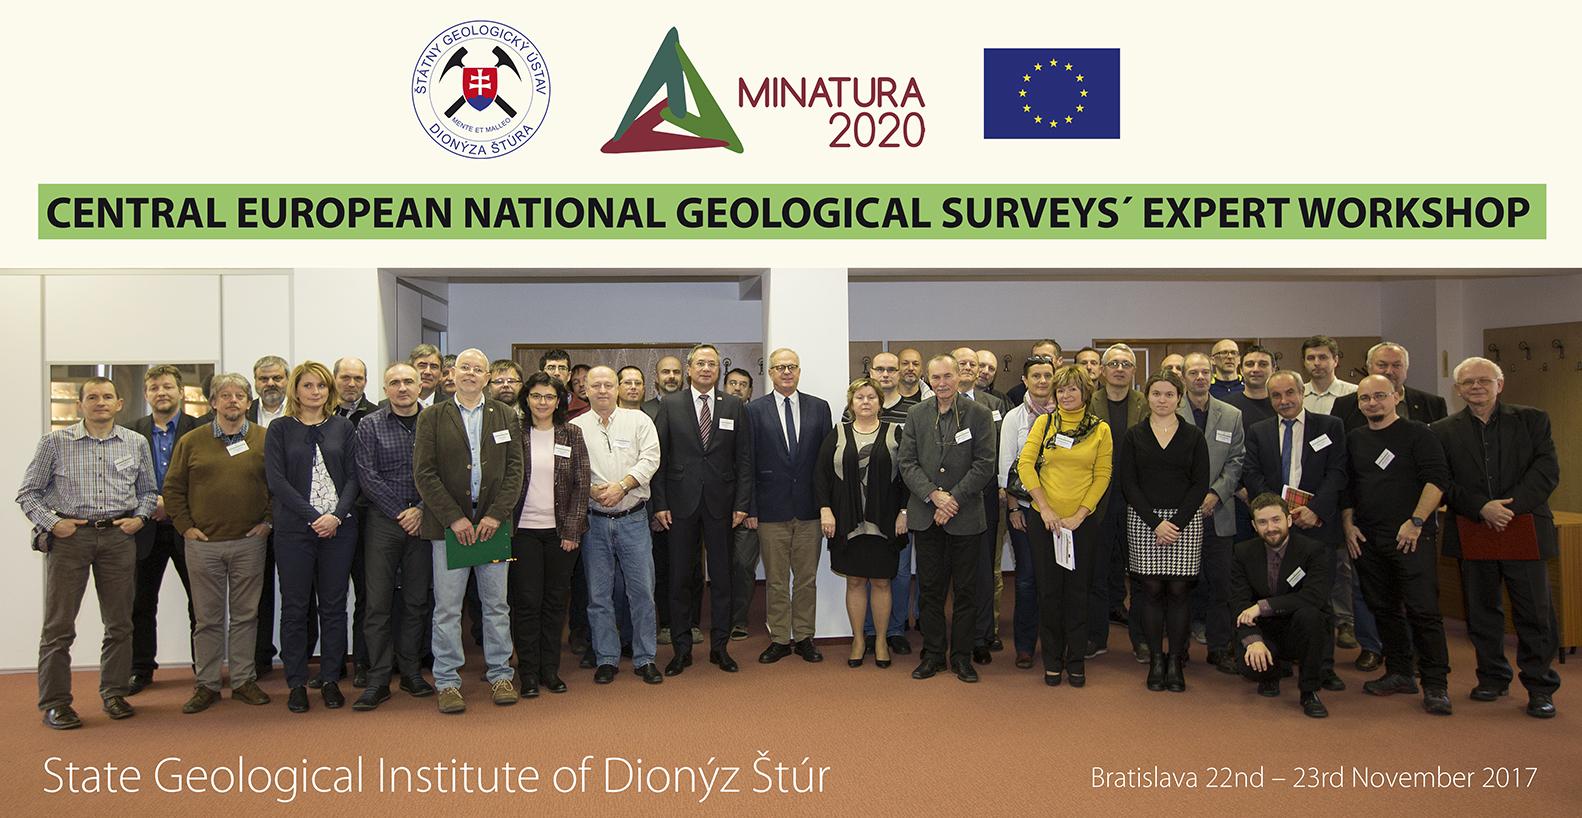 Sastanak Geoloških službi u Bratislavi